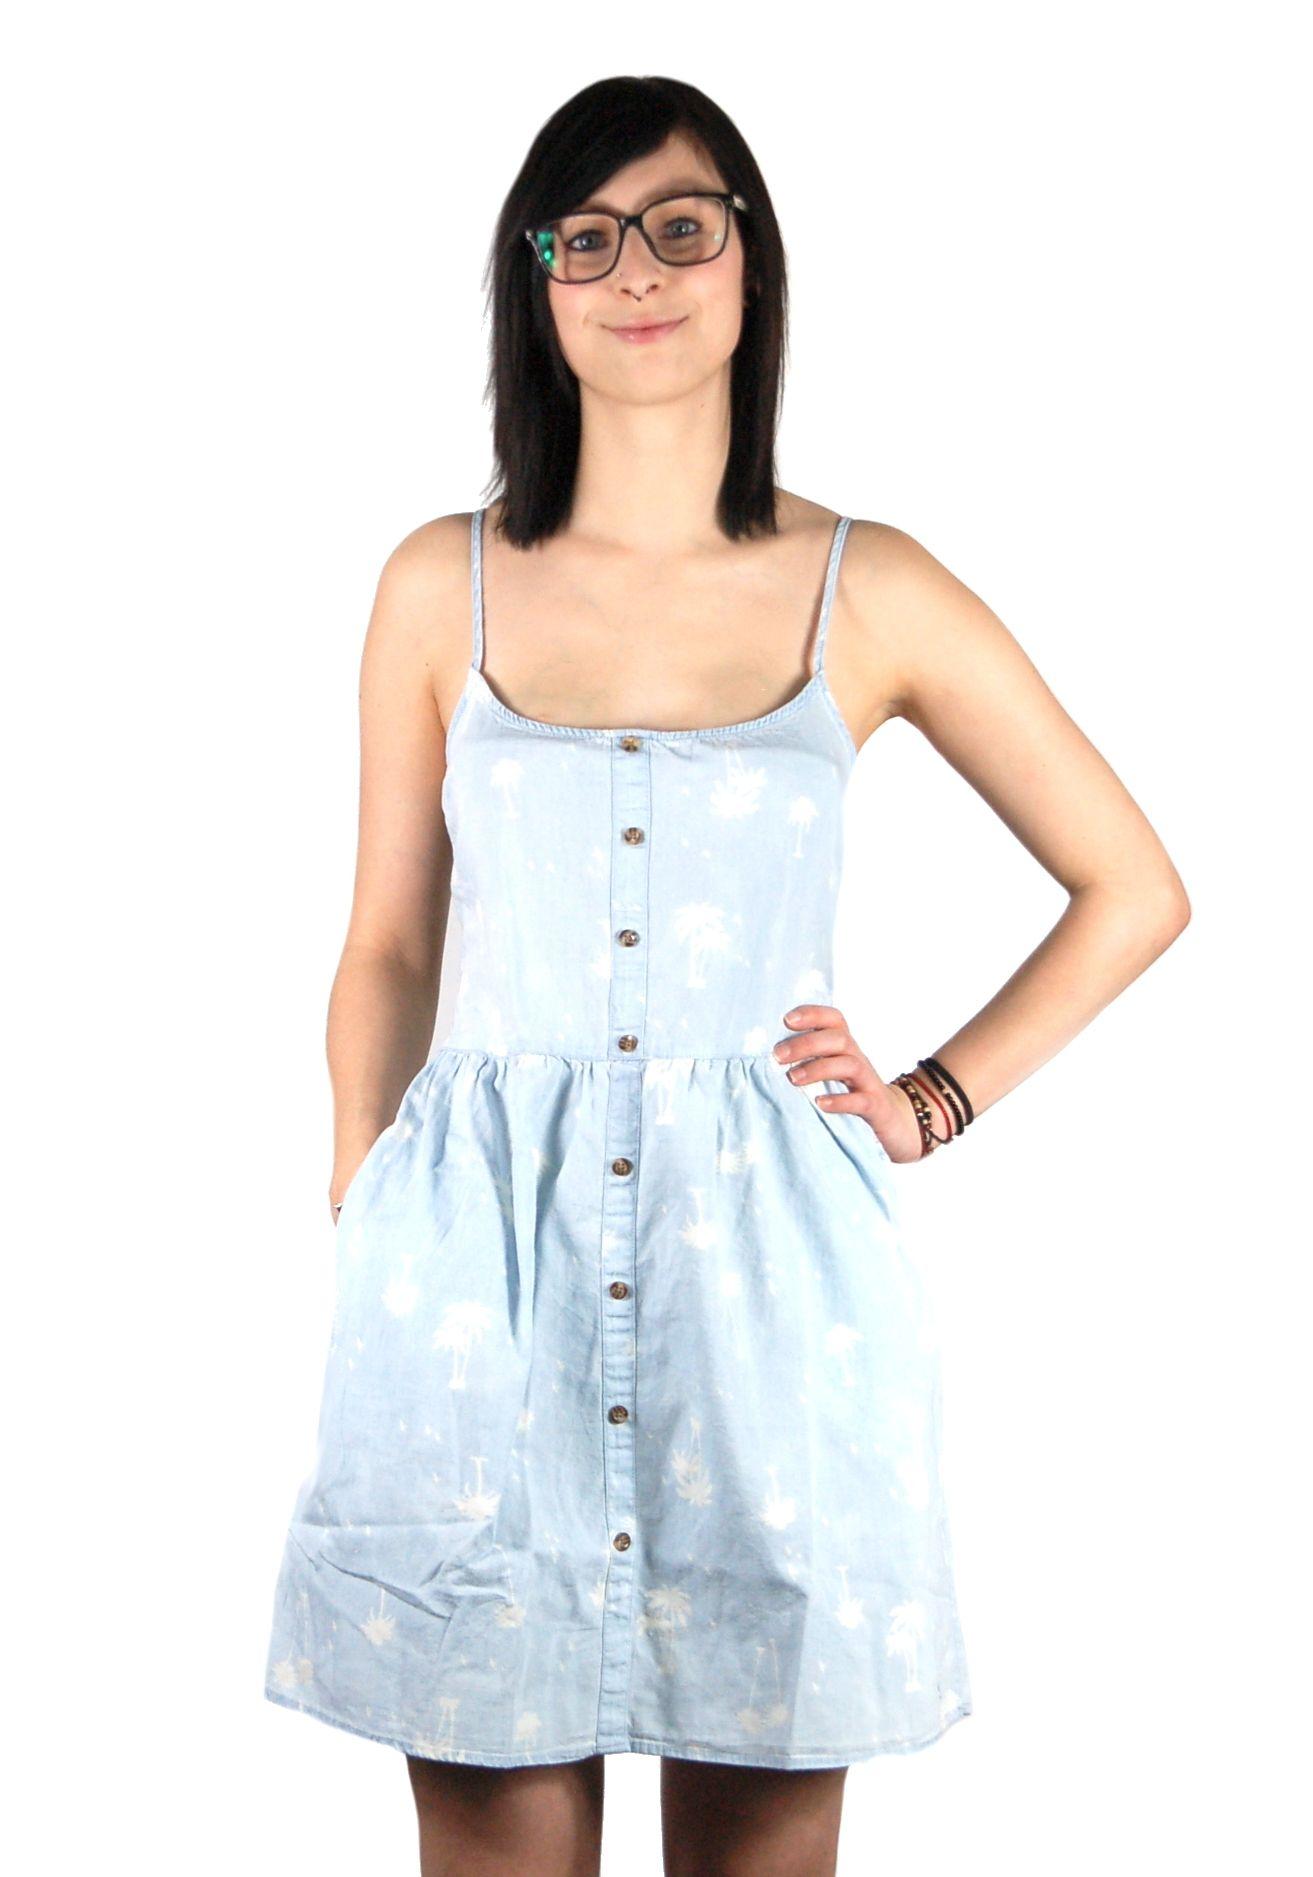 VOLCOM WEIRDETTE DRESS KLEID CHAMBRAY online bestellen: http://www.fourseasonsclothing.de/collections/frauen-streetwear-onlineshop/products/volcom-weirdette-dress-kleid-chambray  #girls #new #springsummer #dress #kleid #kleider #fourseasonsshop